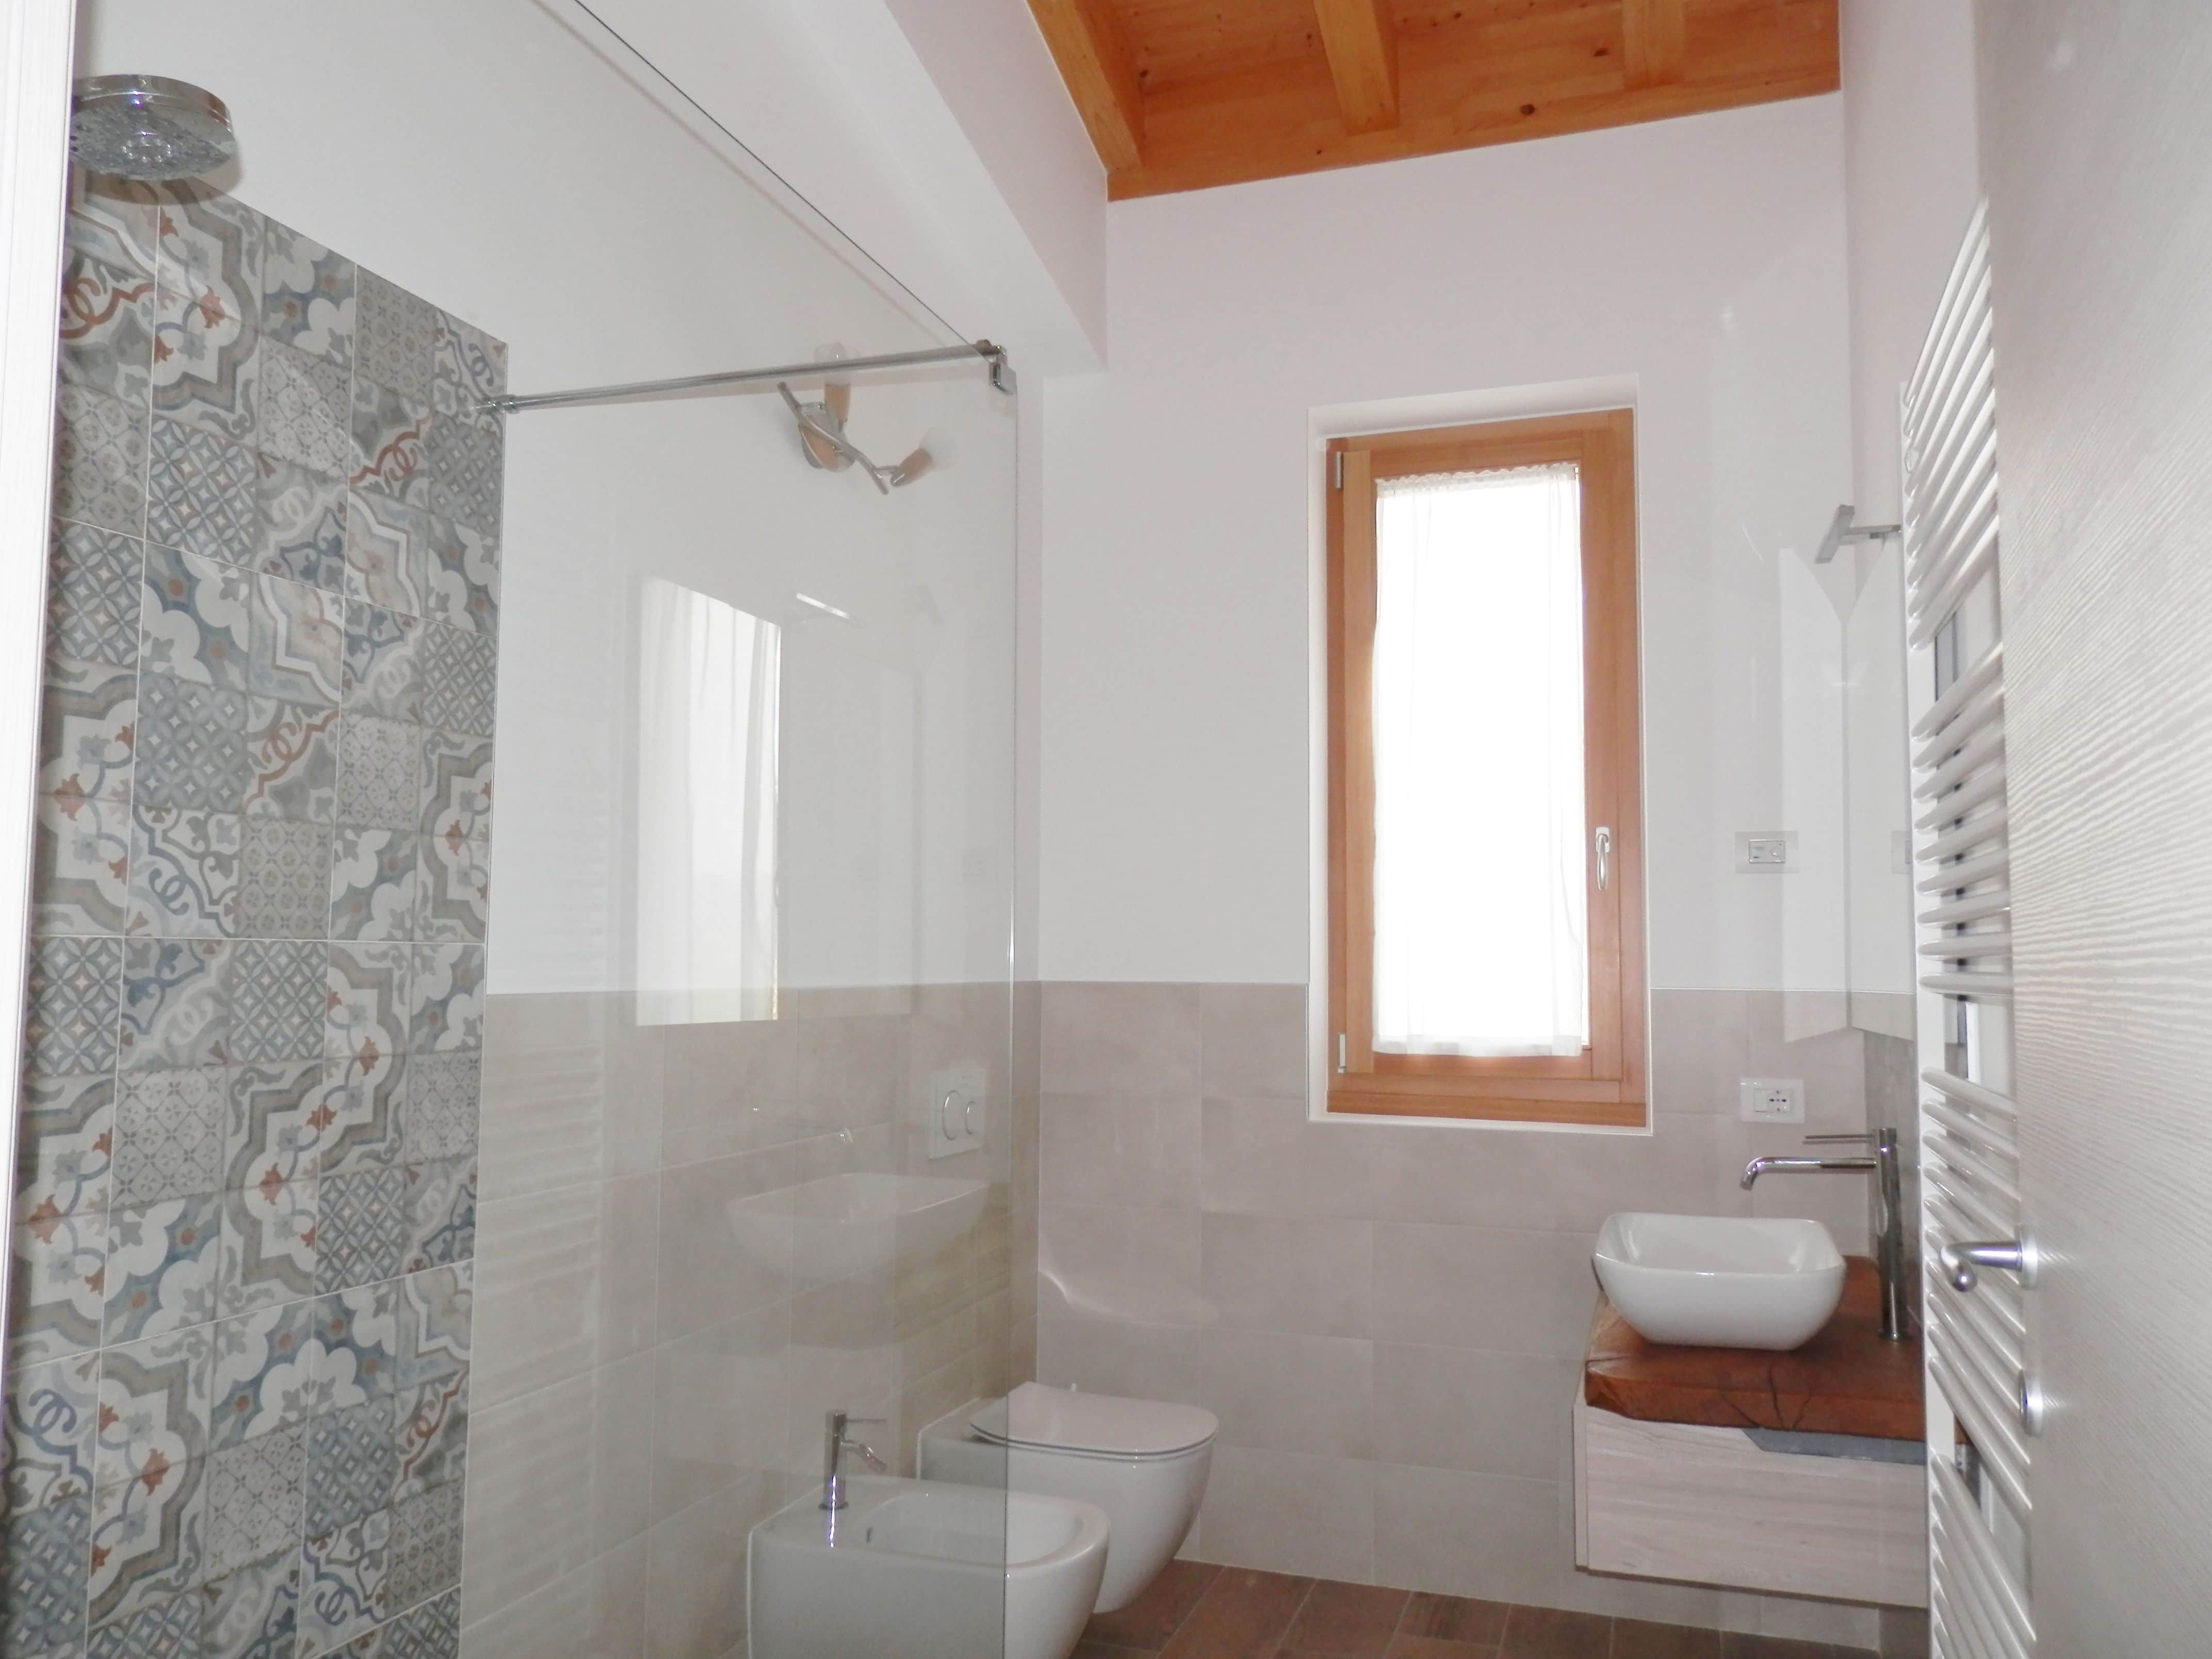 Aglera two-room apartment | Agriturismo Fioralba Lake Garda